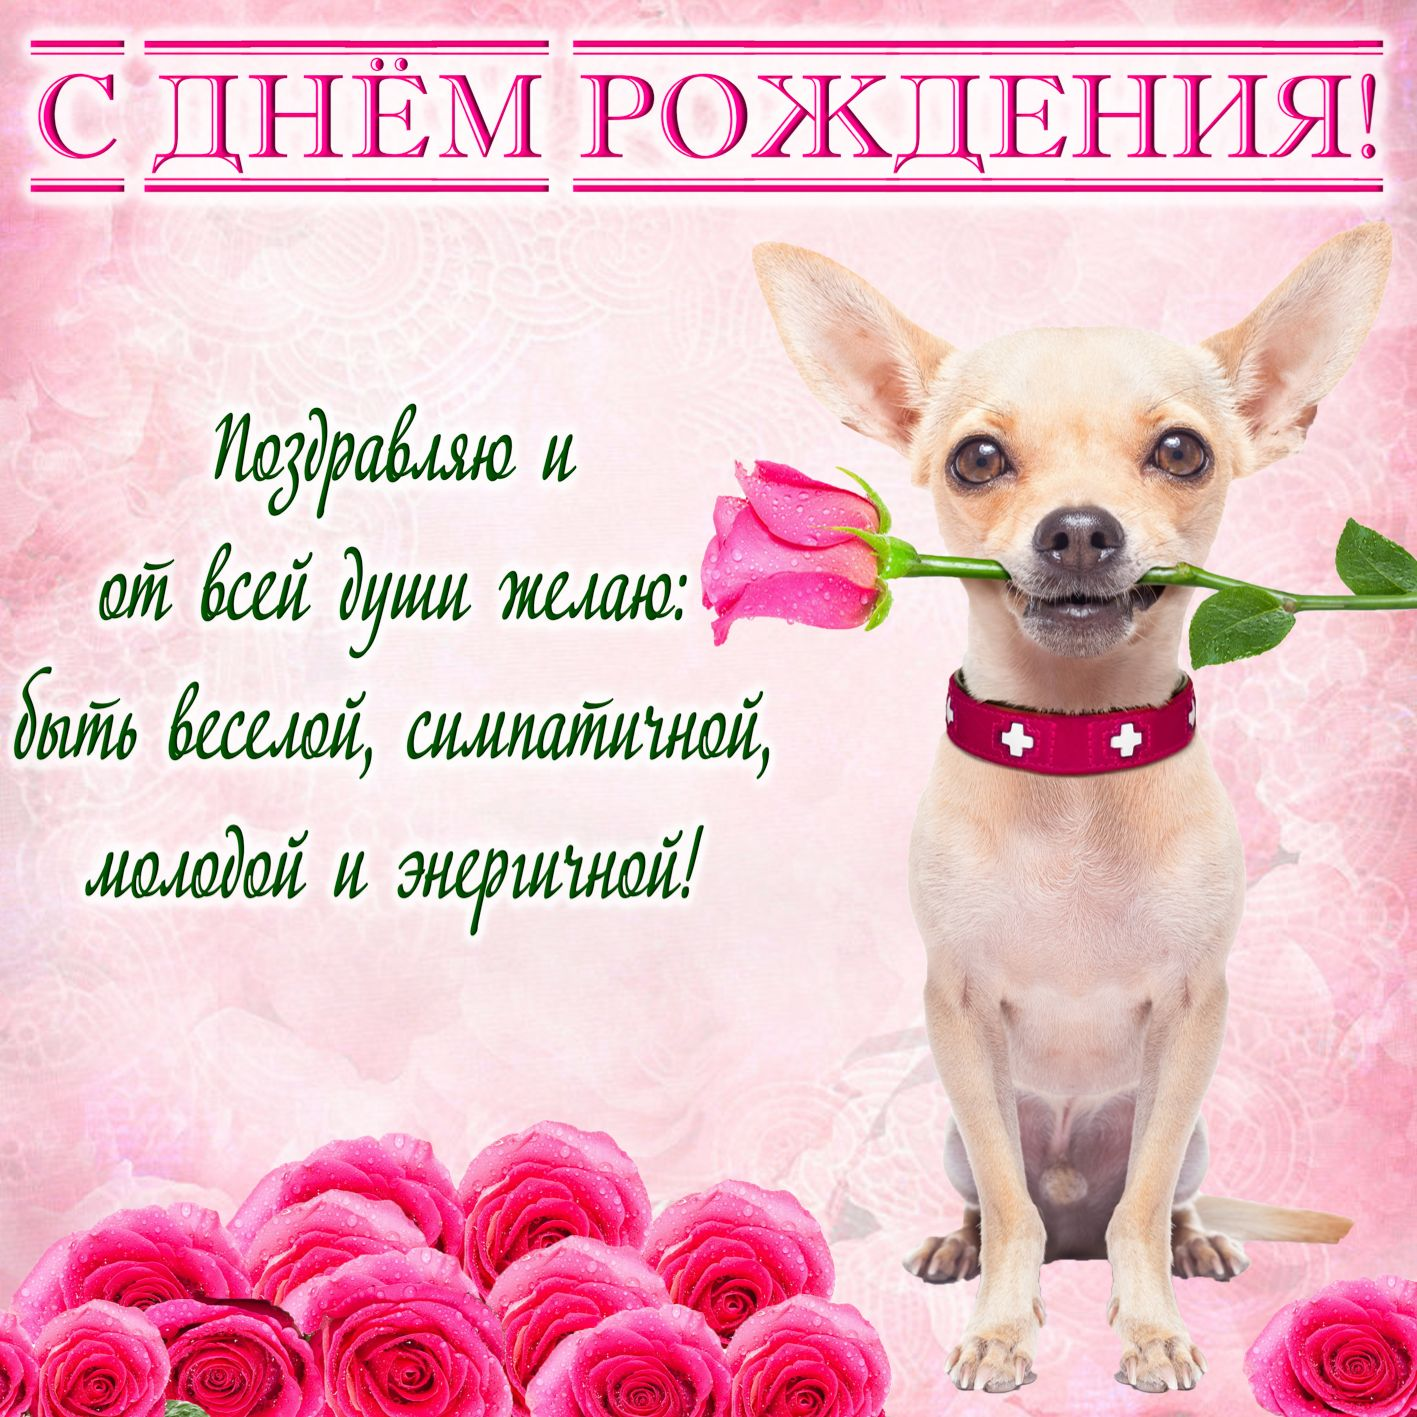 Сладкого, пожелание на открытку девушке